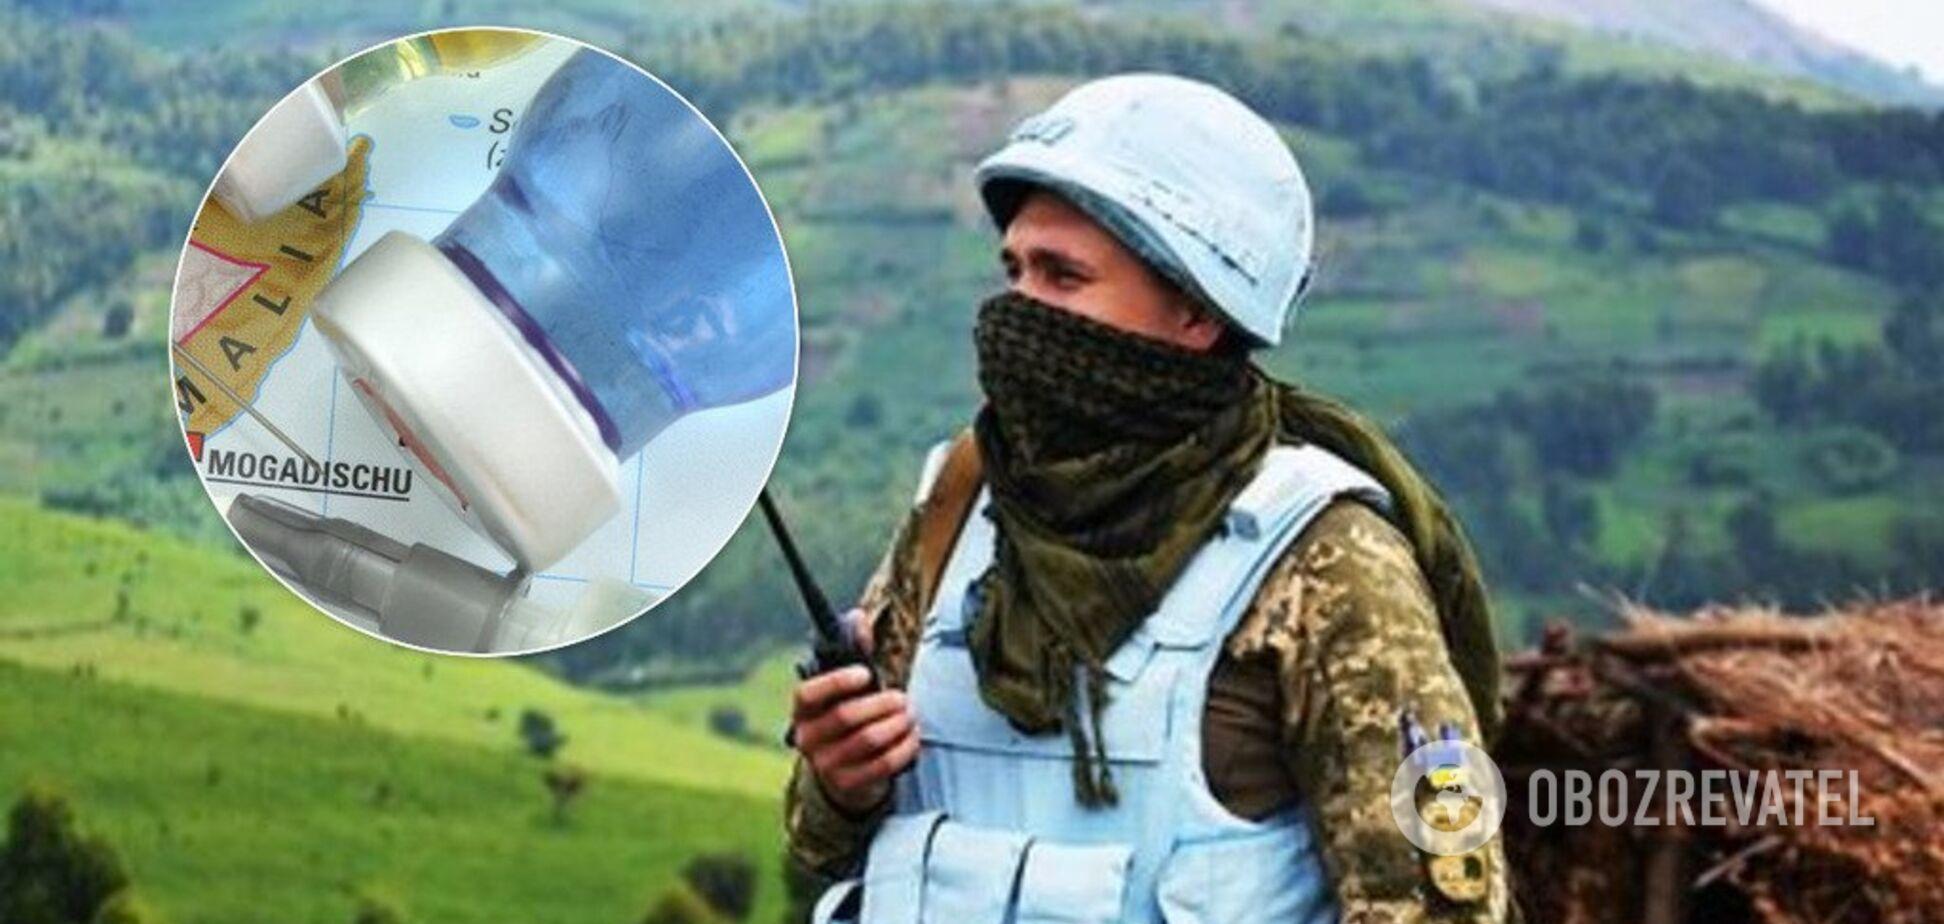 В эпицентре тифа и чумы без прививок: украинским военным грозят 'адские' болезни